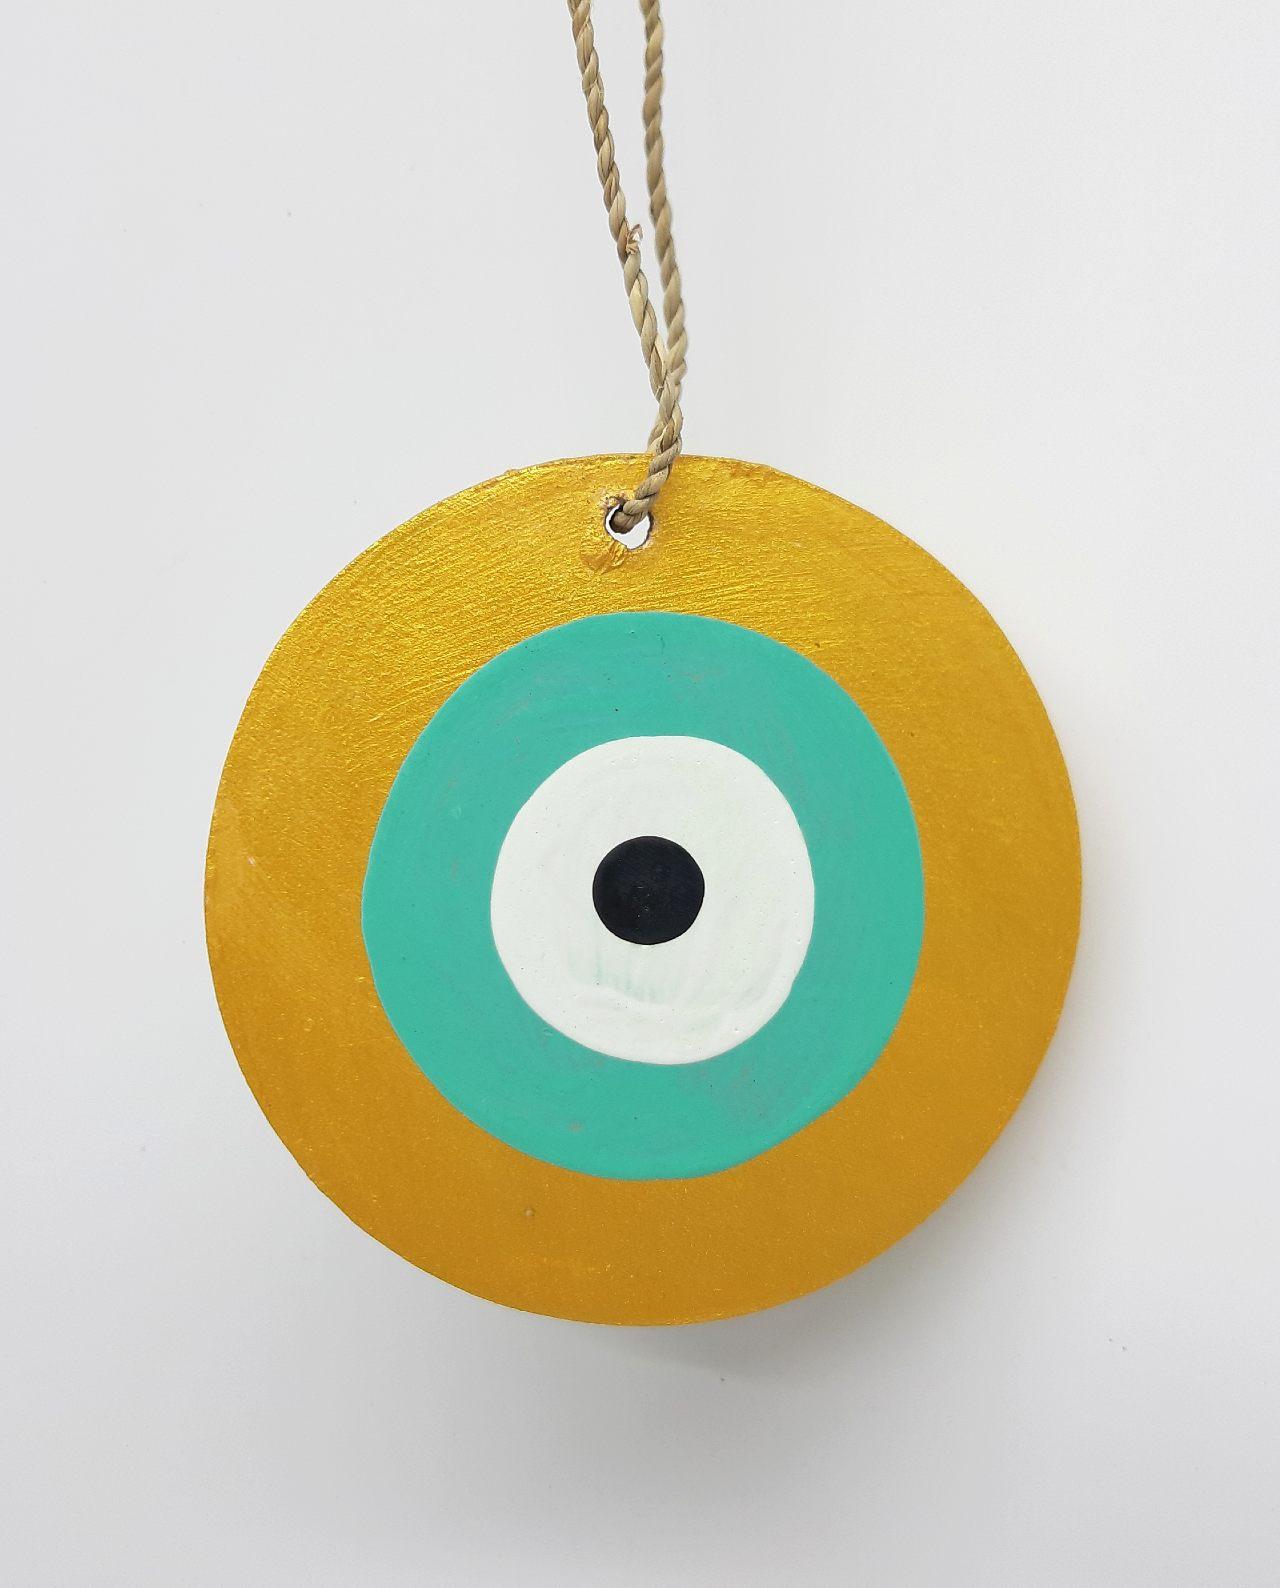 Ματάκι Ξύλινο Χειροποίητο Διαμέτρου 8 cm χρώμα μωβ